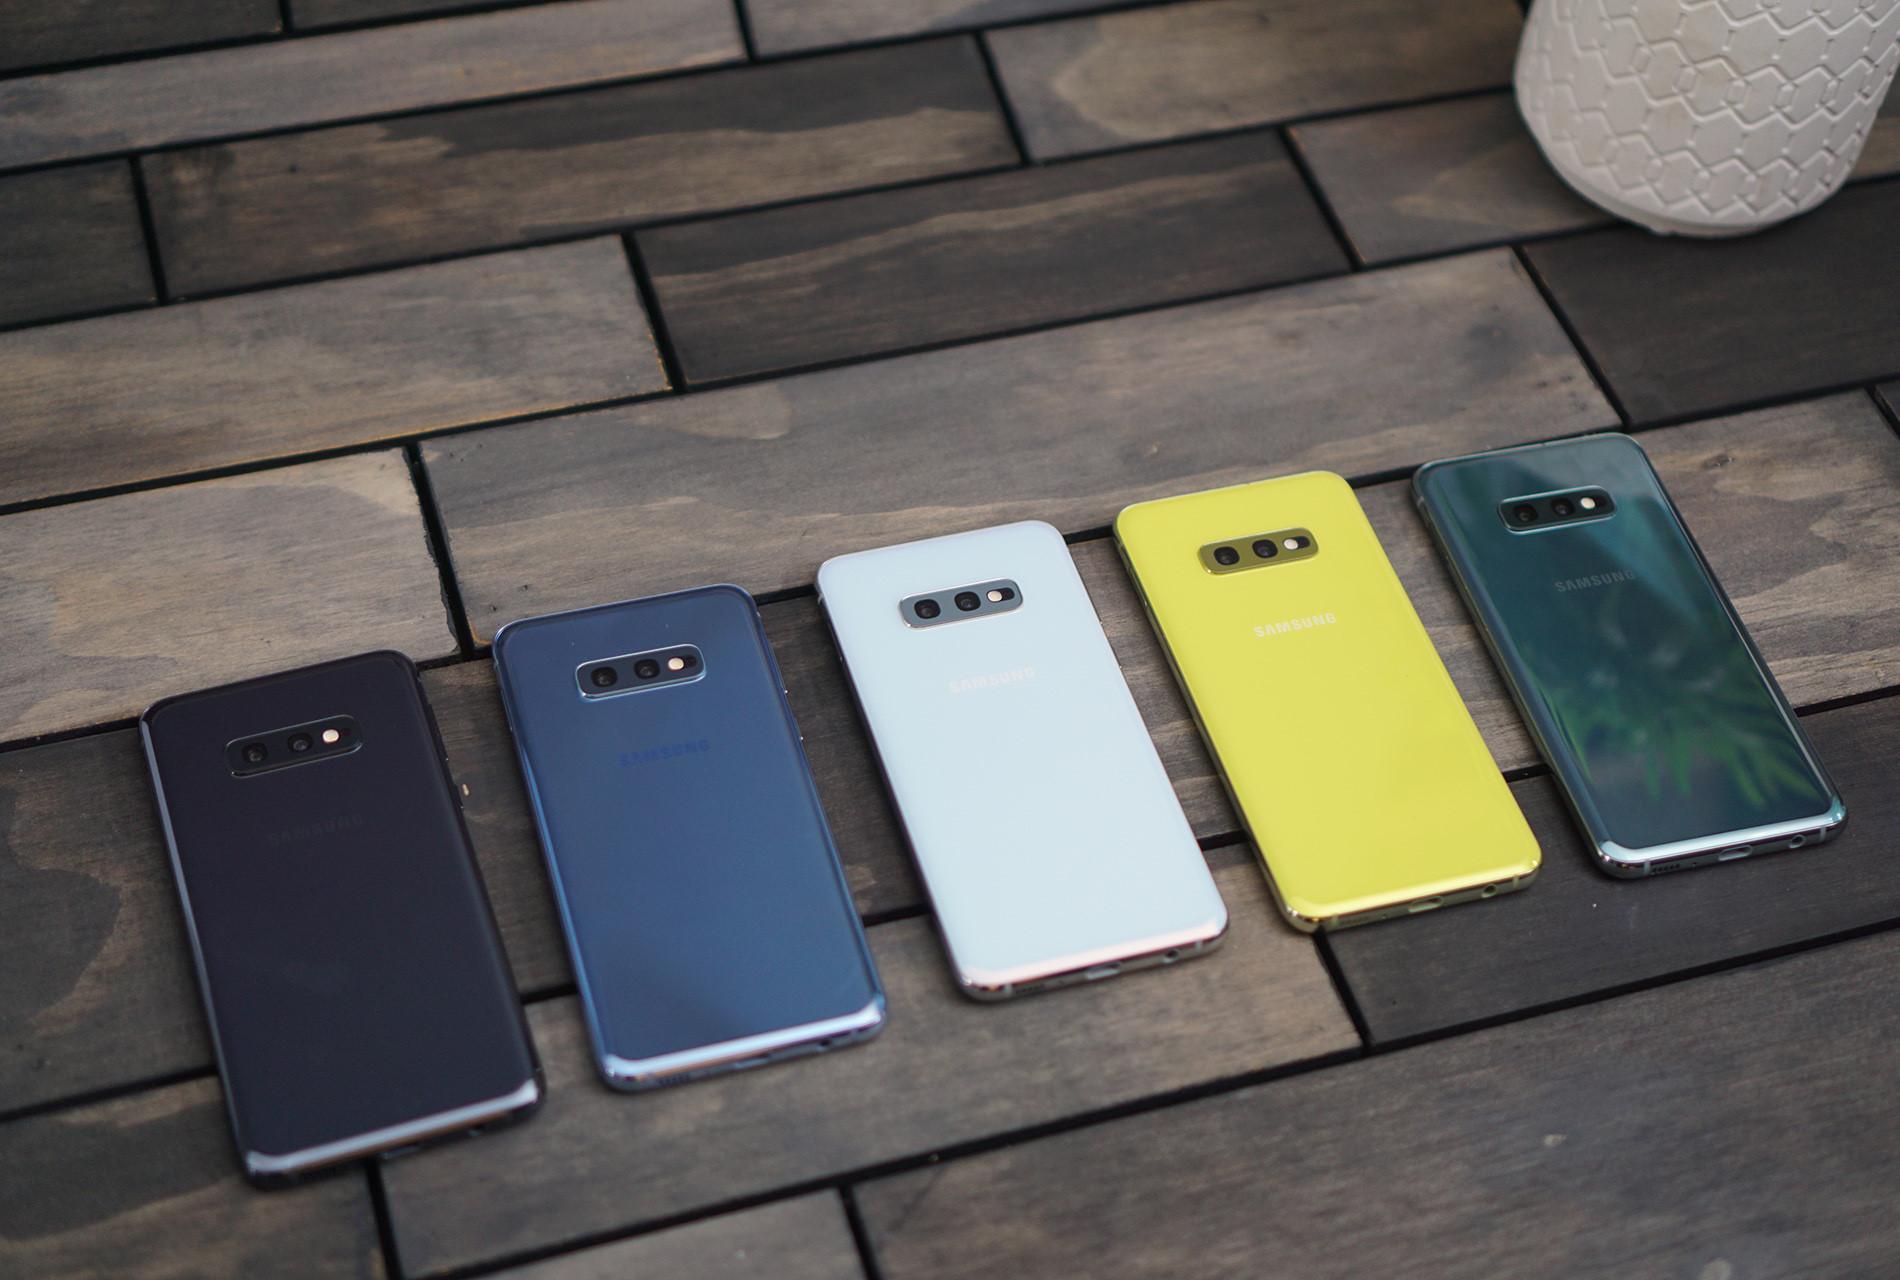 Chi tiết Galaxy S10e - vũ khí bí mật của Samsung? Ảnh 11